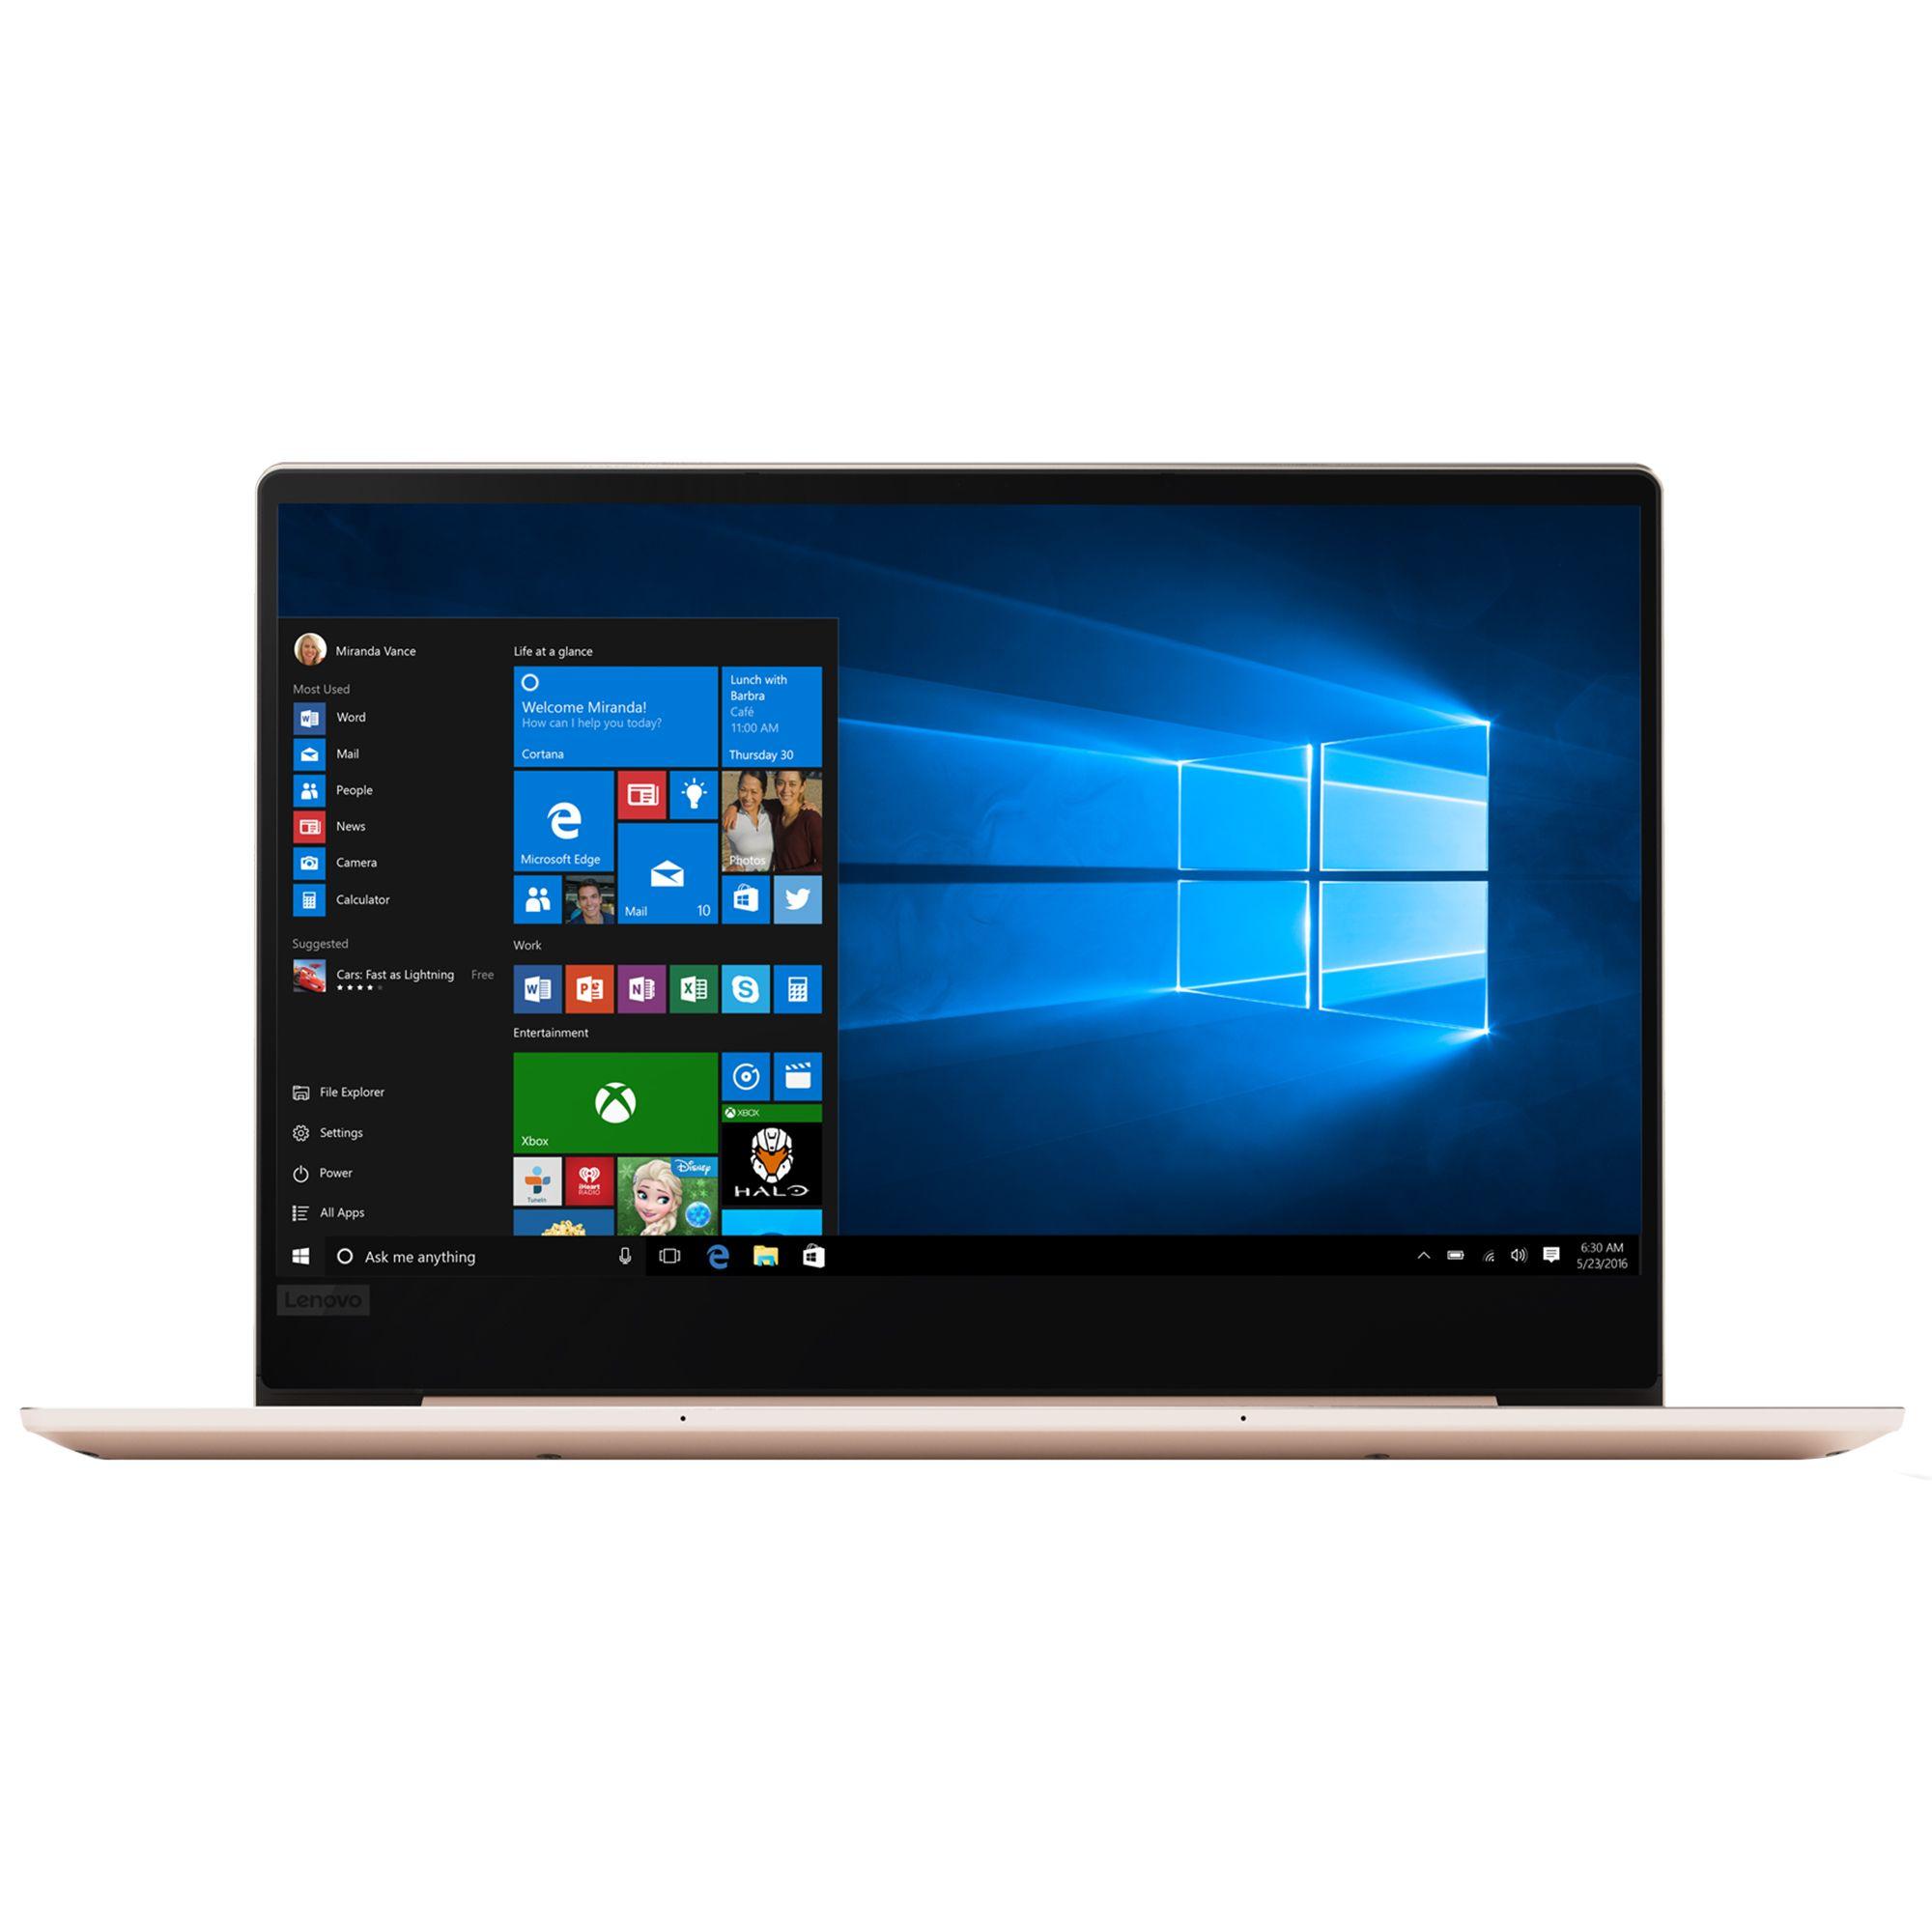 Ultrabook Lenovo IdeaPad 720S 13.3 Full HD Intel Core i7-8550U RAM 8GB SSD 256GB Windows 10 Home Auriu